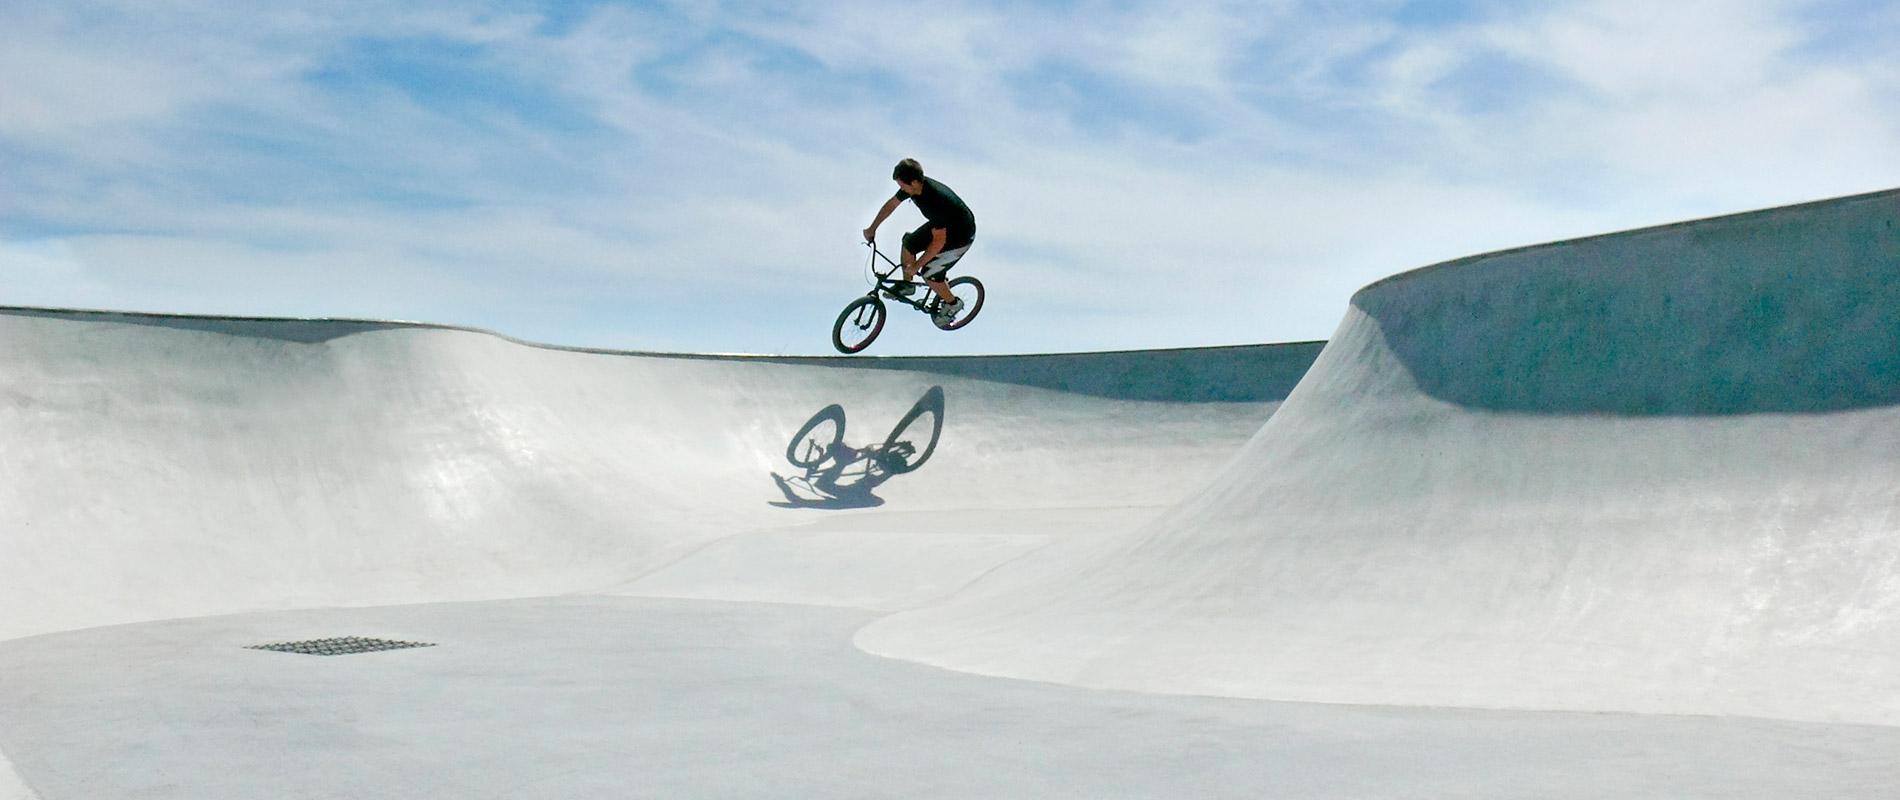 X-Move Skateanlagen Skateparks aus Ortbeton und Fertigteilen Great Yarmouth - Planung Umsetzung und Bau